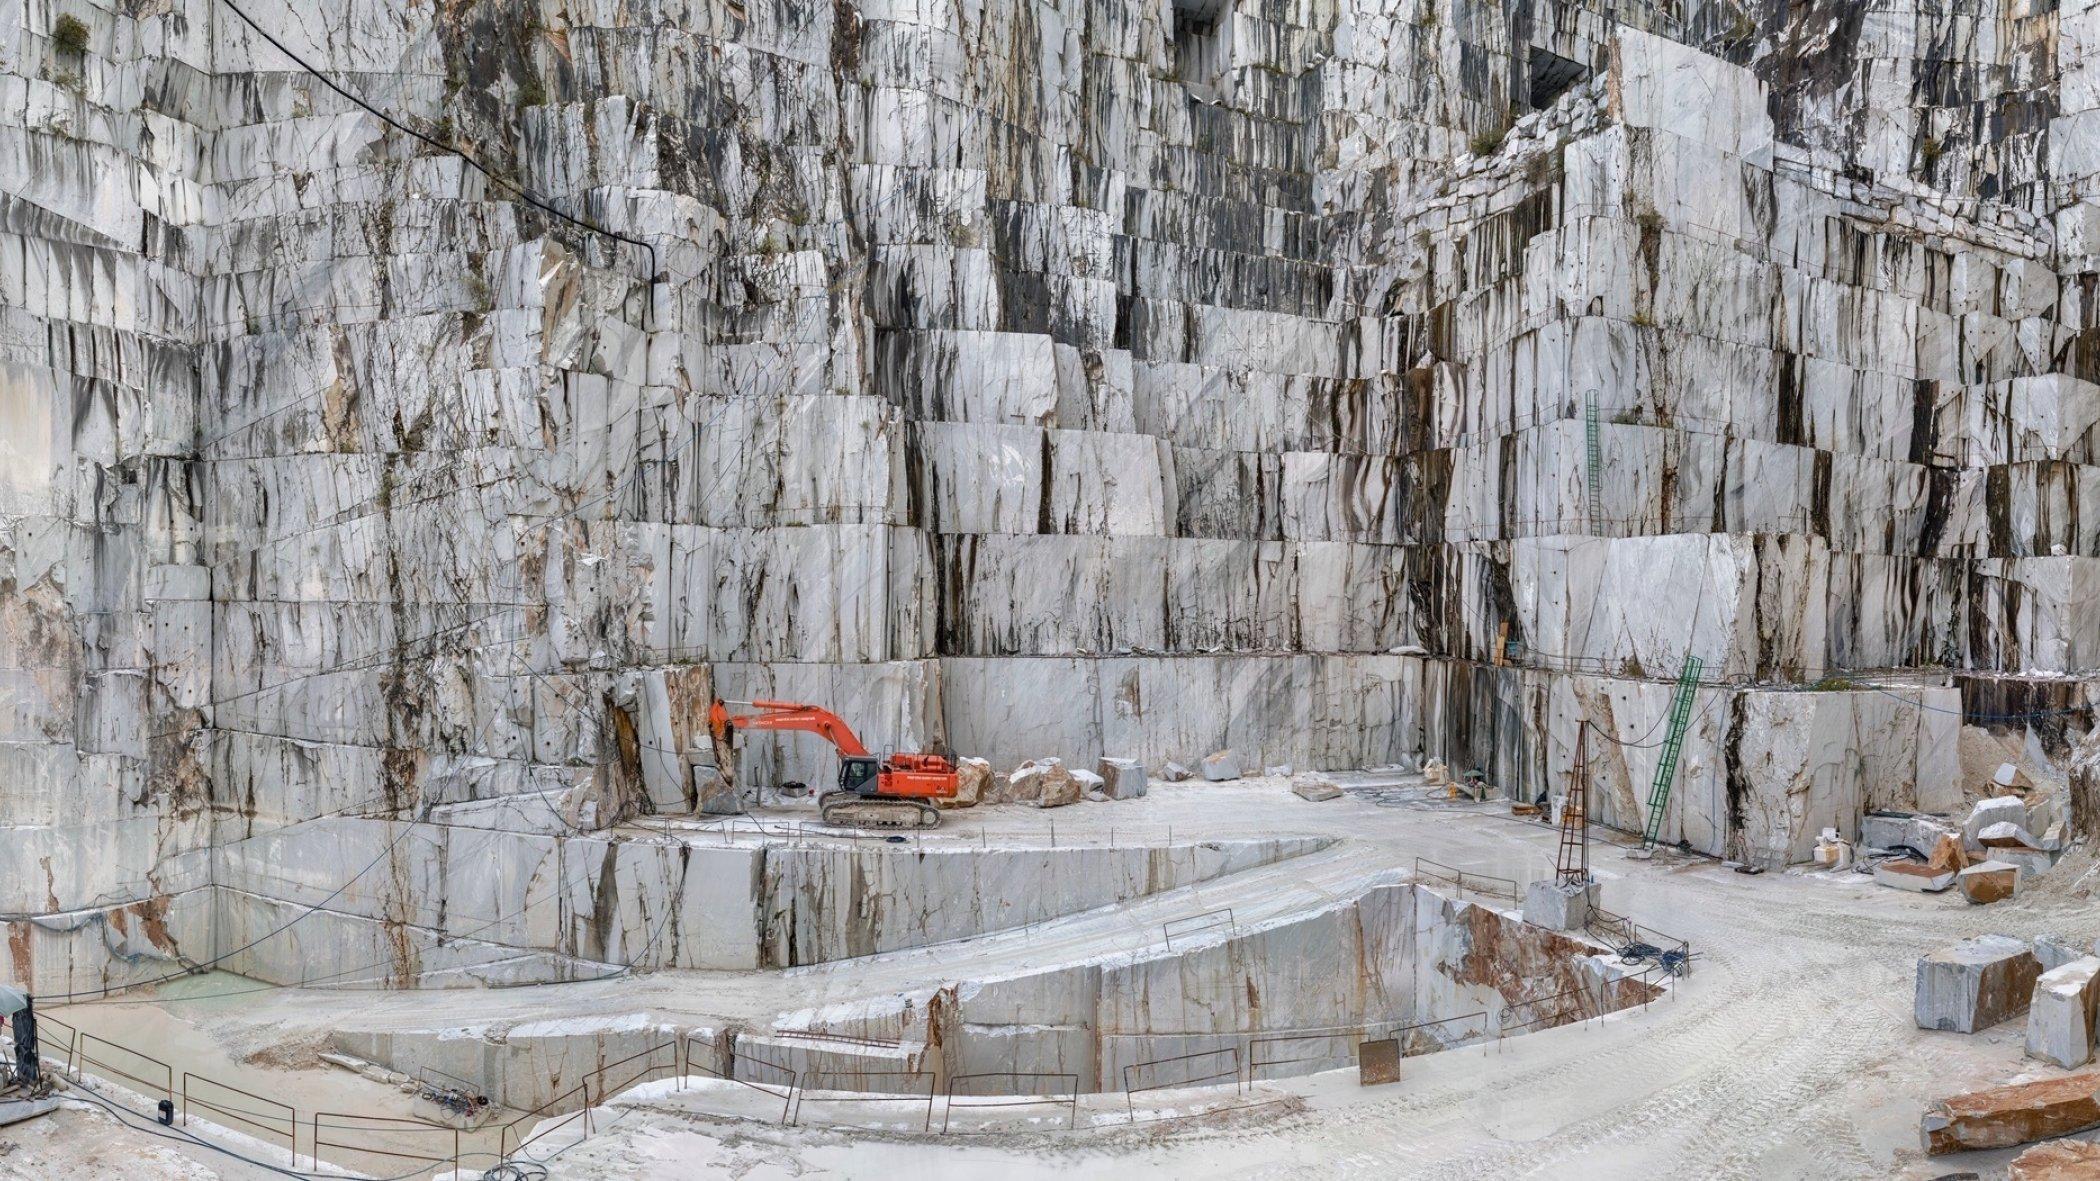 Dargestellt ist der Marmorsteinbruch von Carrara – vor der Kulisse riesiger weißer Felswände steht ein Bagger, mit dessen Hilfe Menschen die Gebirgslandschaft verändern.